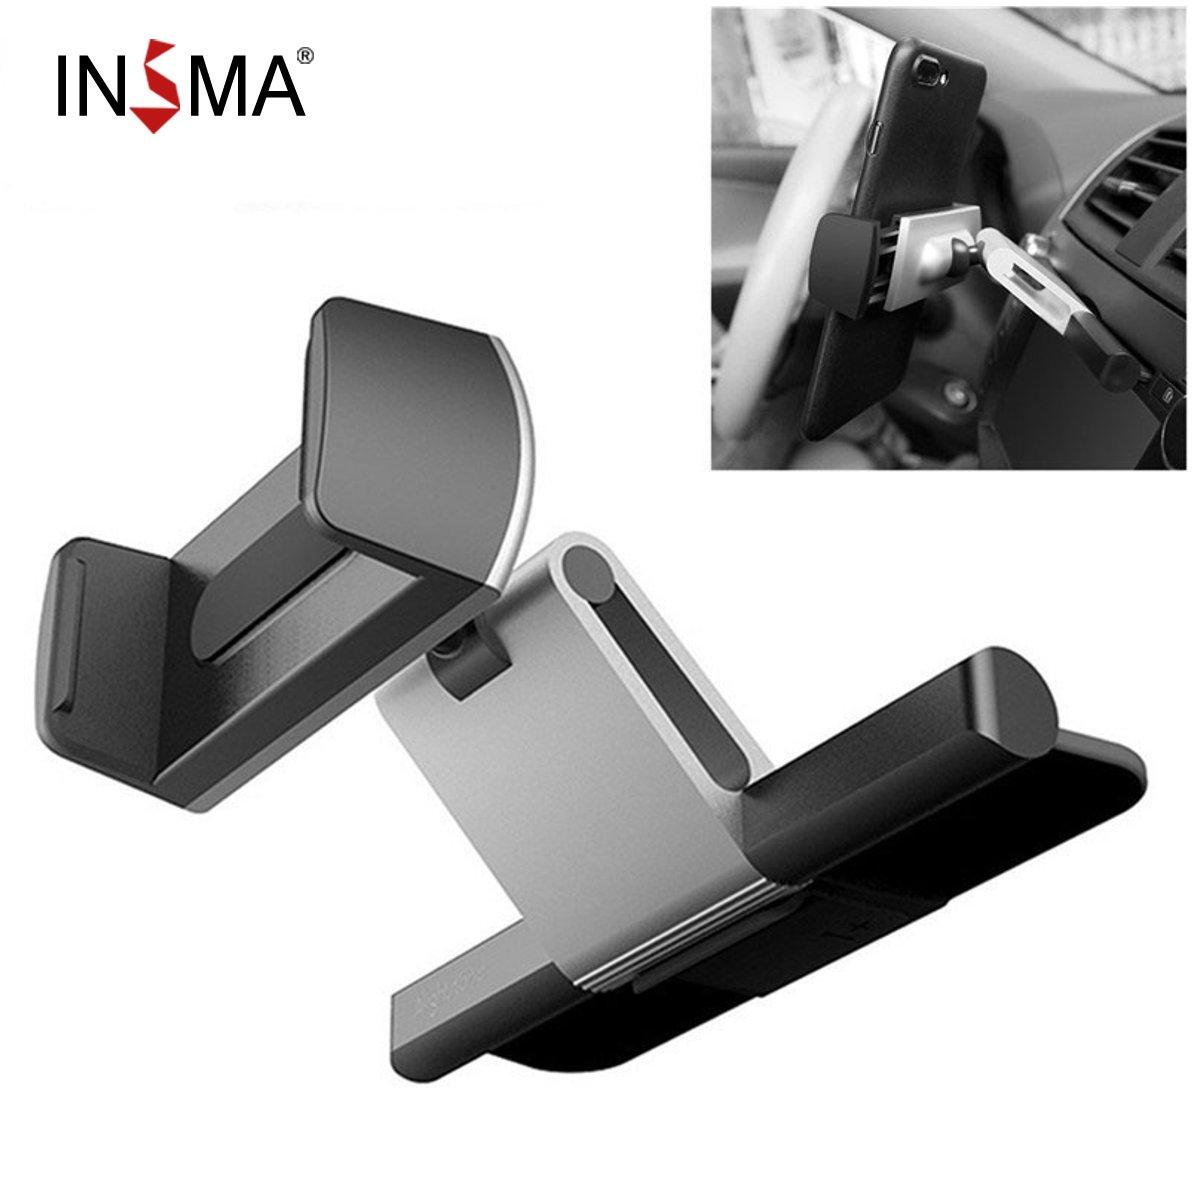 INSMA Алюминиевый Автомобильный CD слот Держатель держатель Универсальный мобильный телефон подставка держатель кронштейн для iPhone для Samsung GPS автомобильный держатель|Подставки и держатели|   | АлиЭкспресс